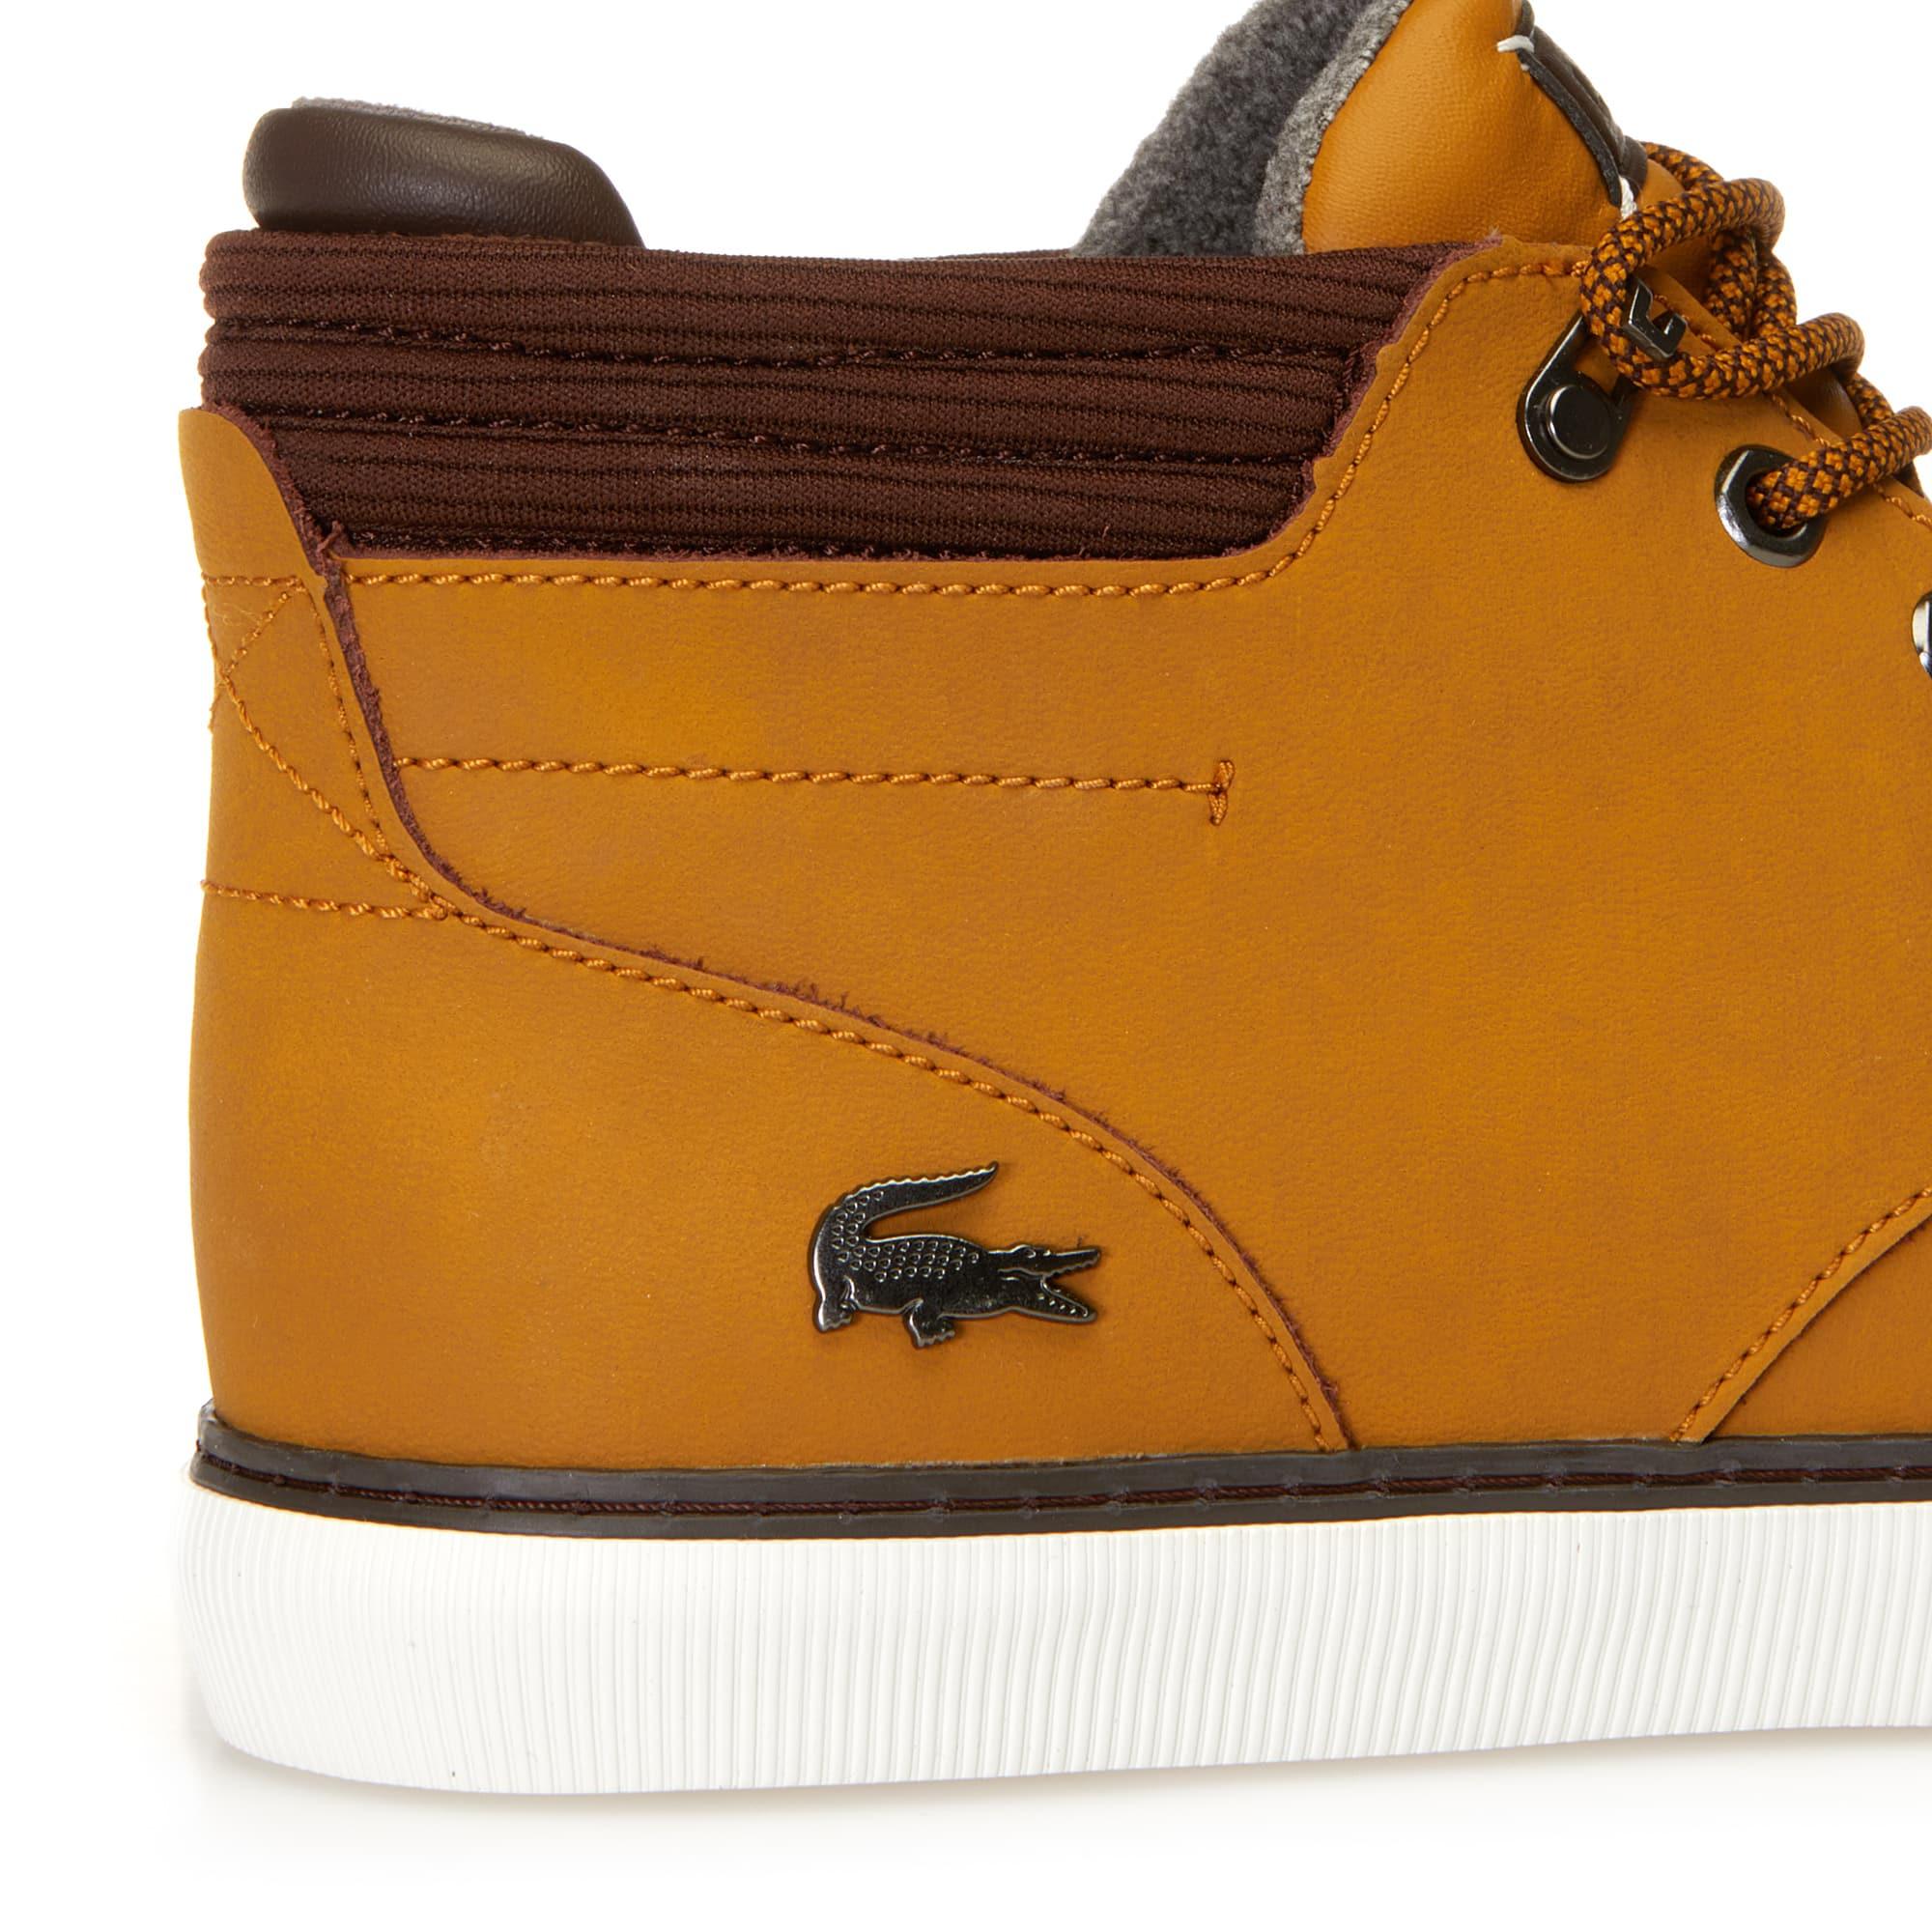 Lacoste - Zapatillas bota de hombre Esparre Winter de piel - 6